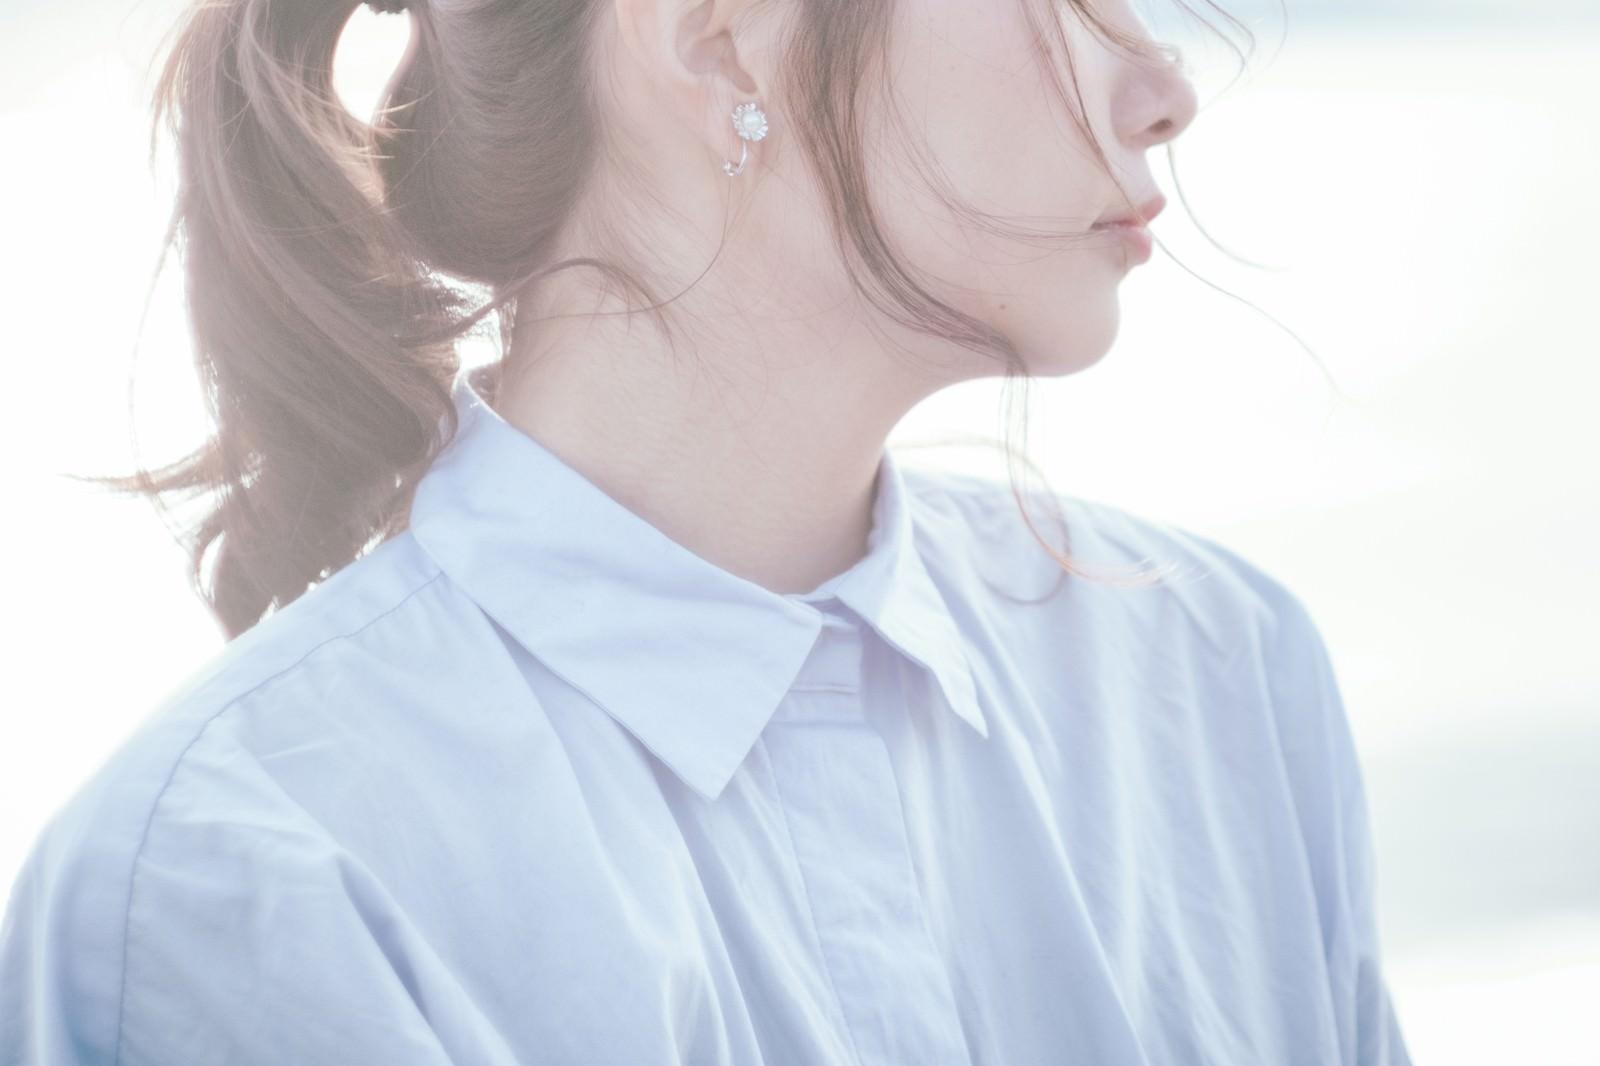 「透明感のある白い肌の女性」の写真